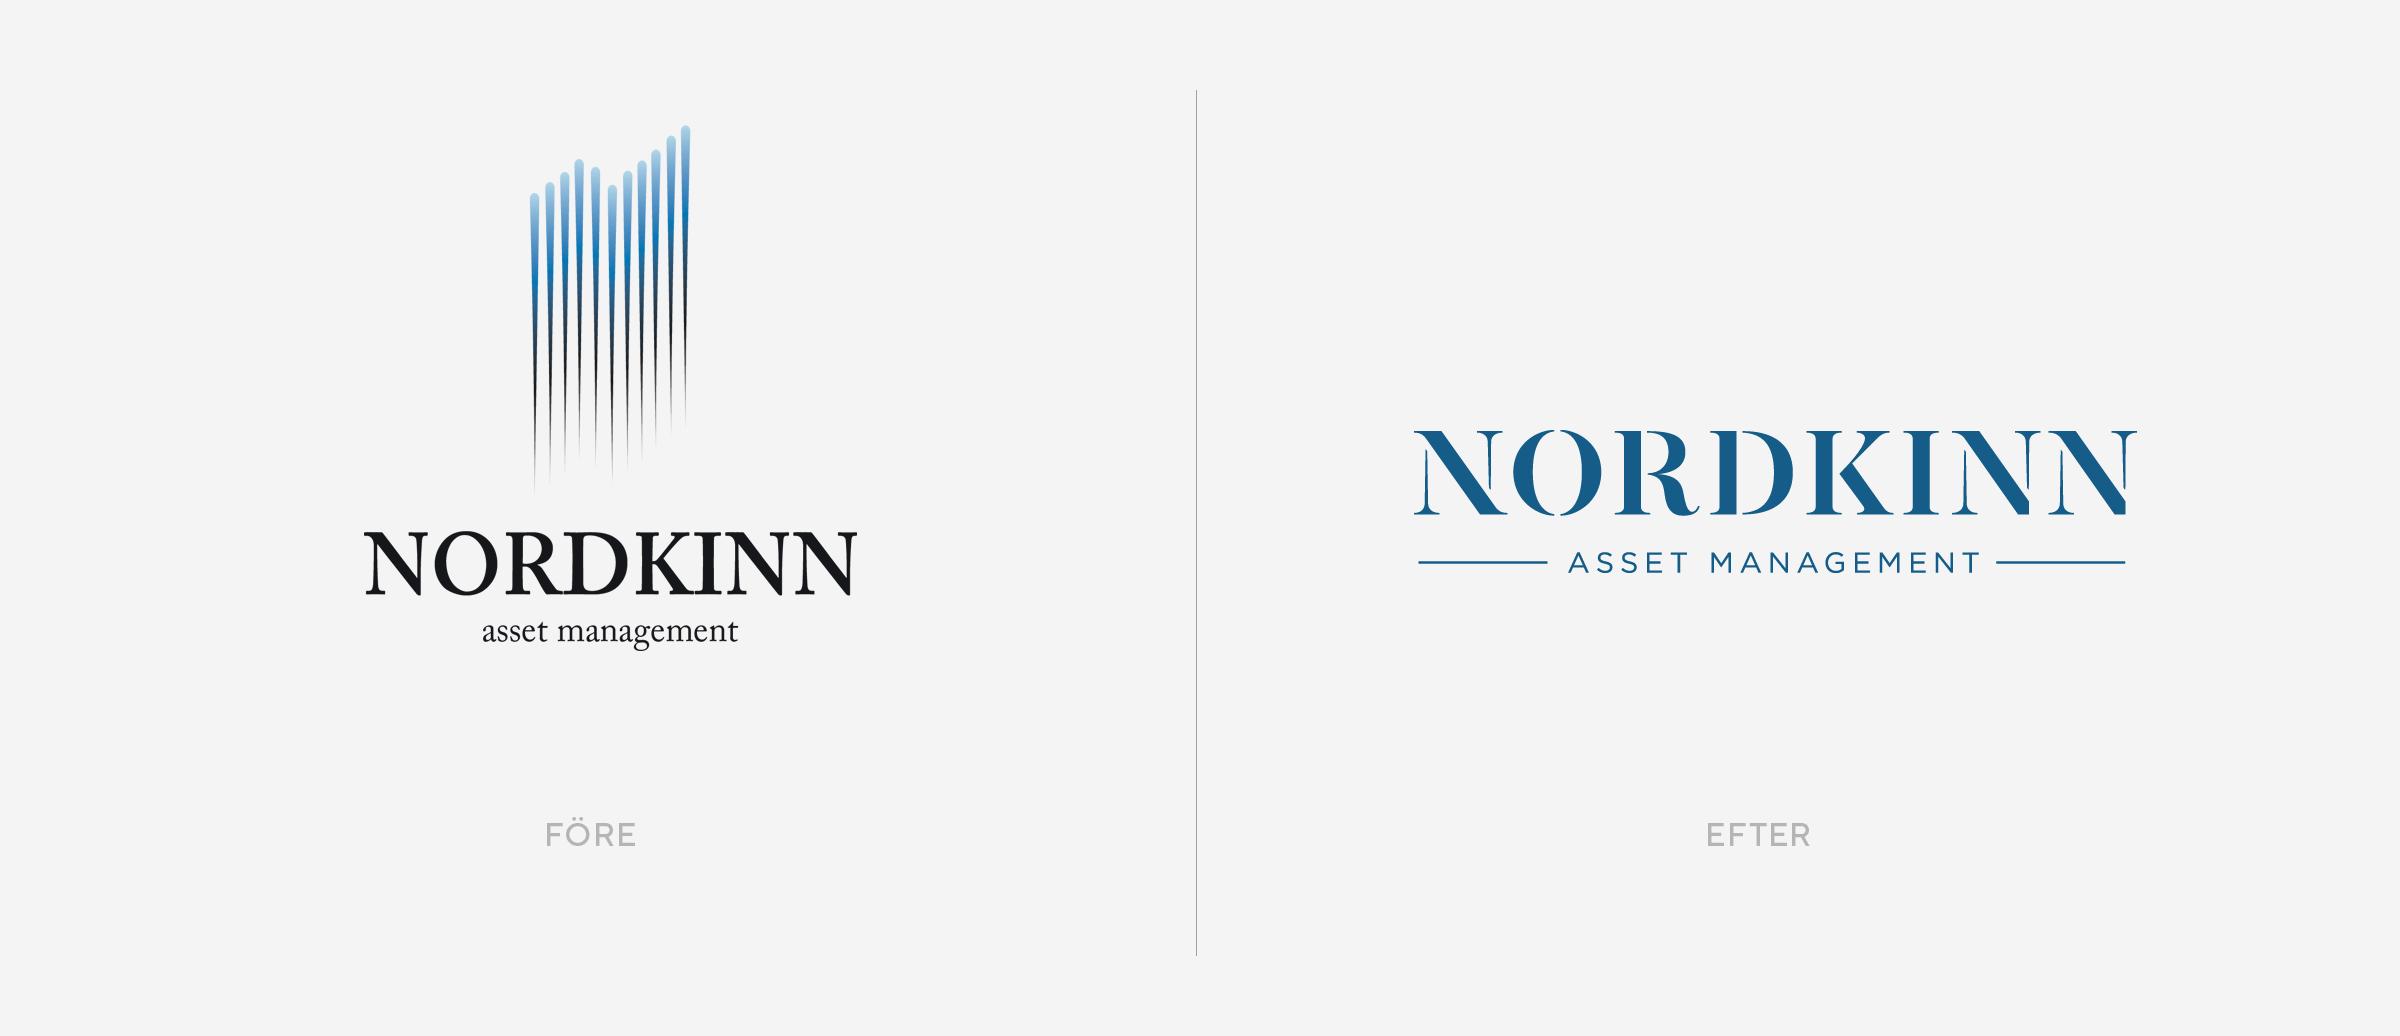 grafisk design logotyp före efter kapitalfärvaltare Nordkinn branding varumärke